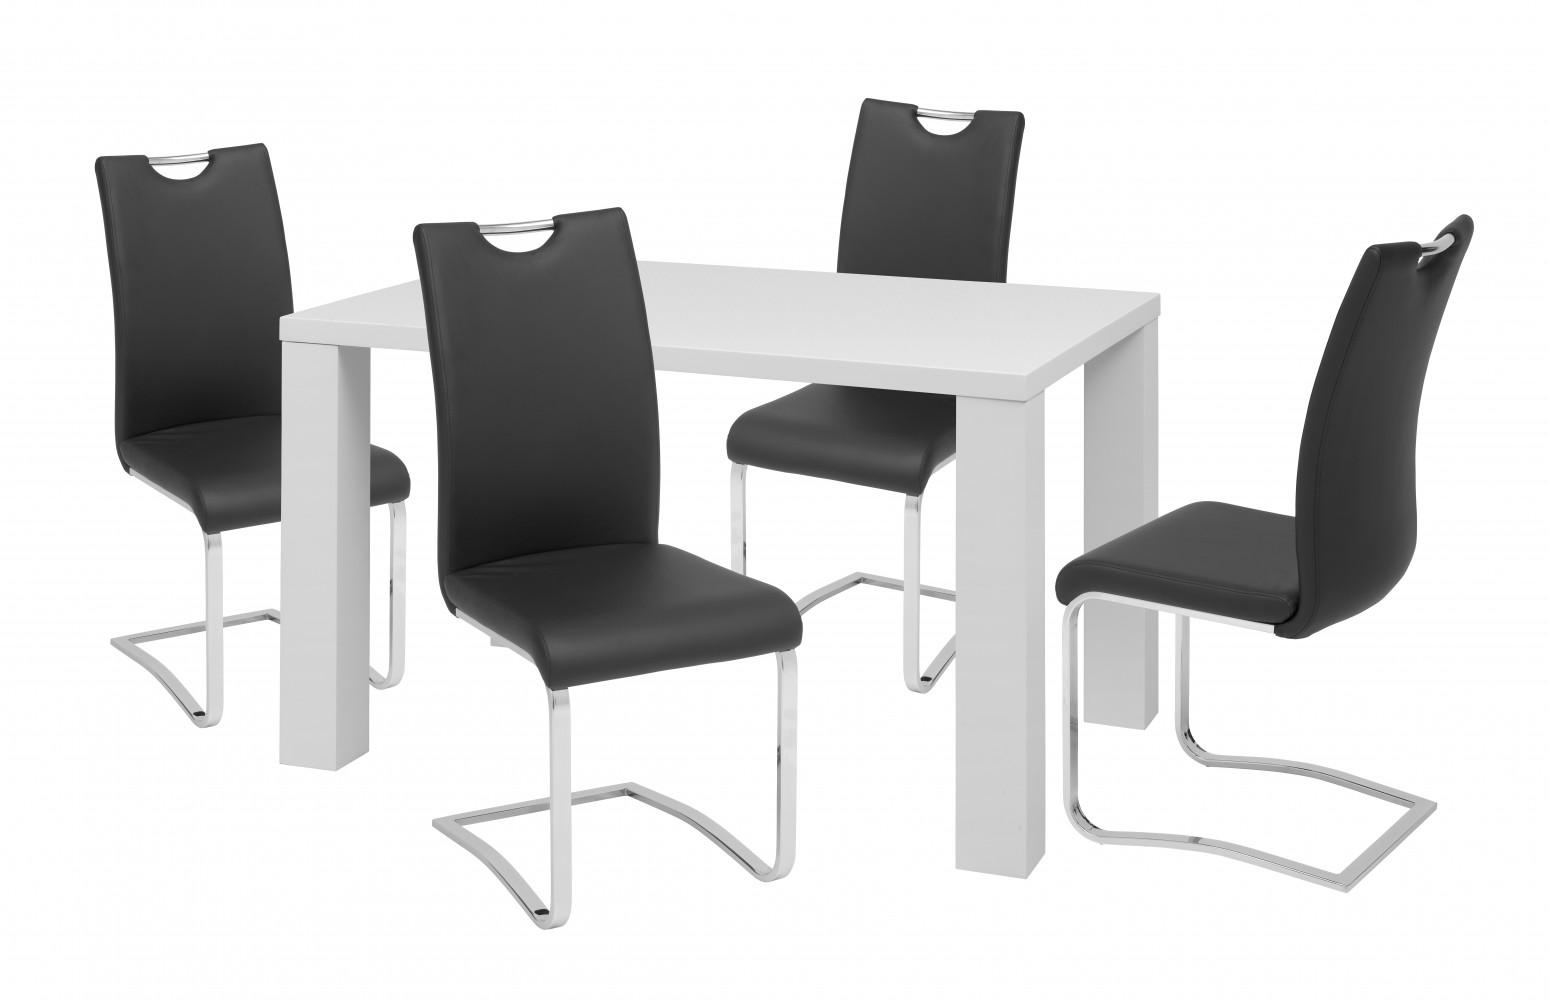 tischset glossy mit 4 st hlen st hle tische wohnzimmer. Black Bedroom Furniture Sets. Home Design Ideas